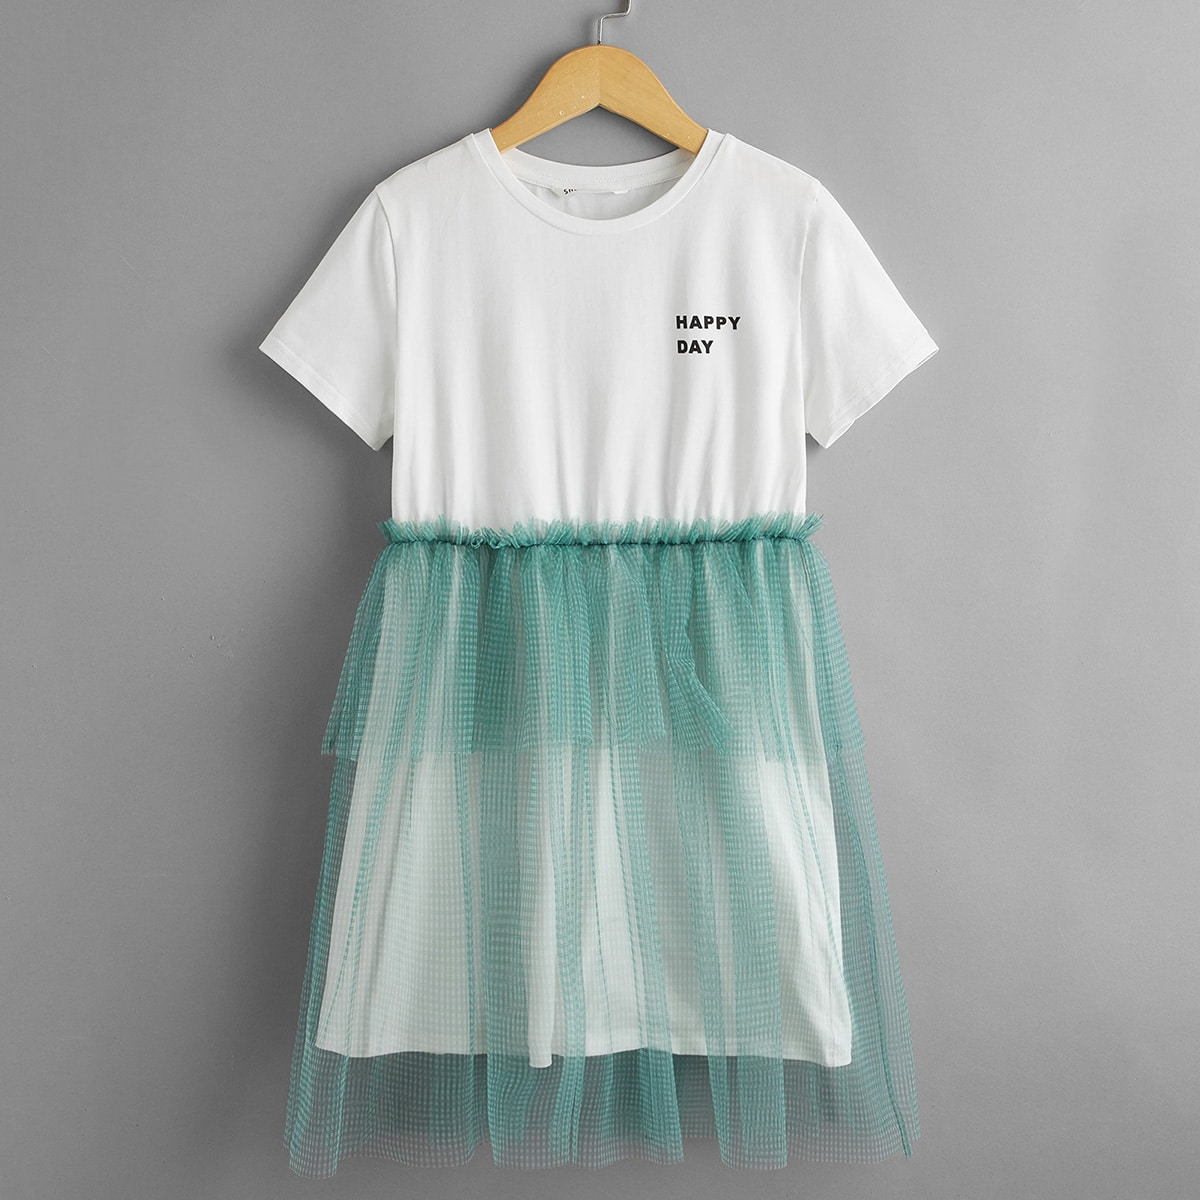 Kleid mit Buchstaben Grafik, Karo Muster und Netzstoff